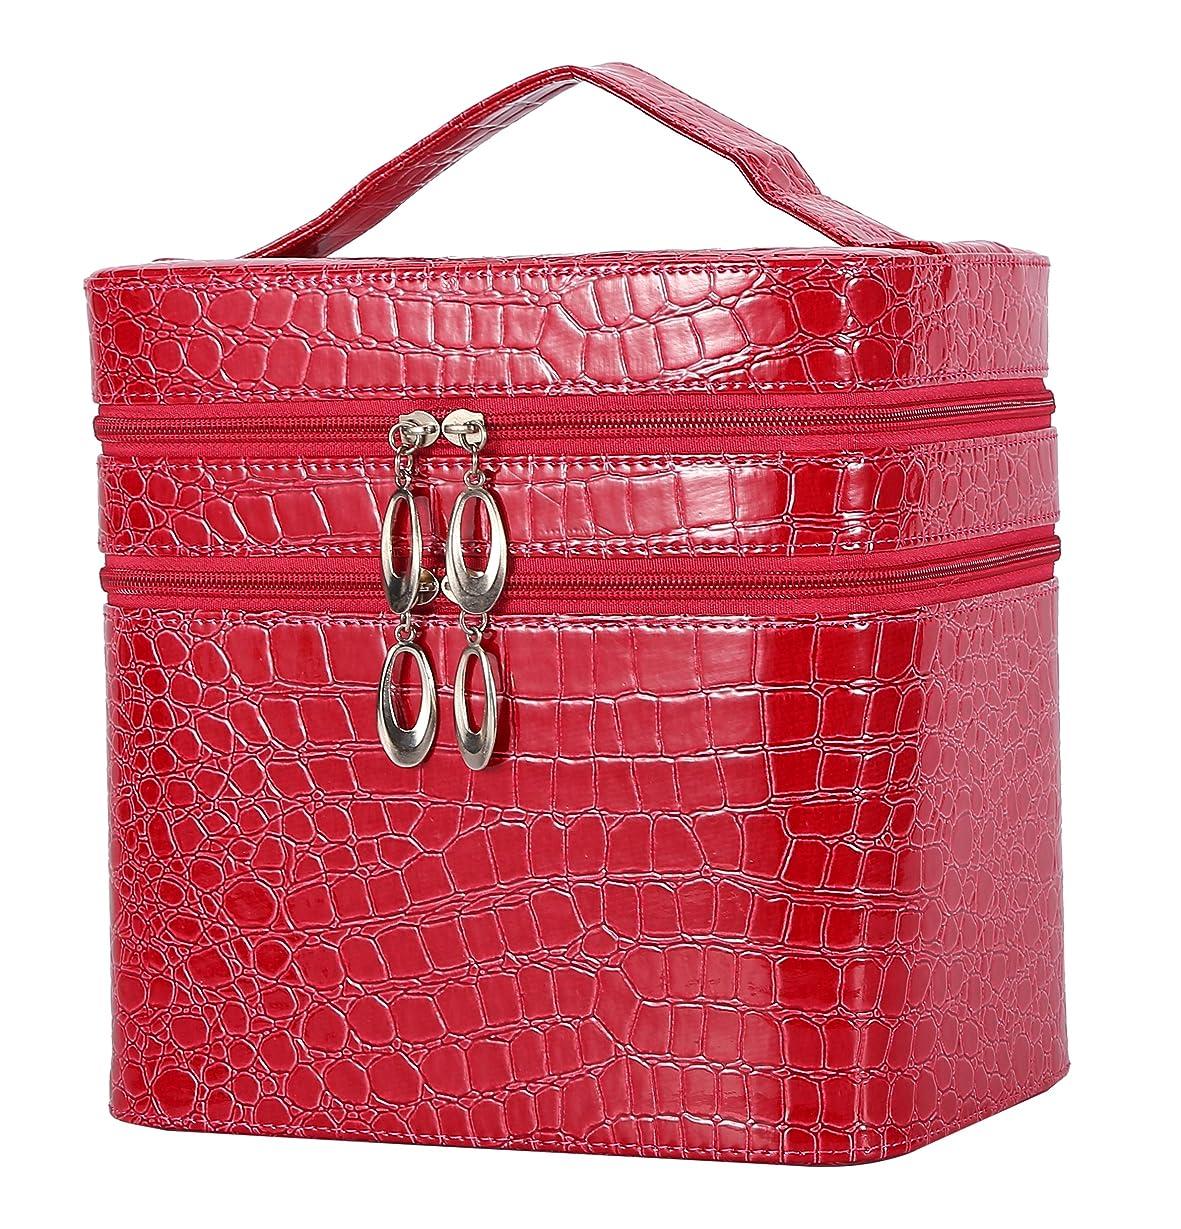 悩み慣習意図するHOYOFO メイクボックス 大容量 鏡付き おしゃれ コスメ収納 化粧品 収納 化粧 ボックス 2段タイプ レッド 赤